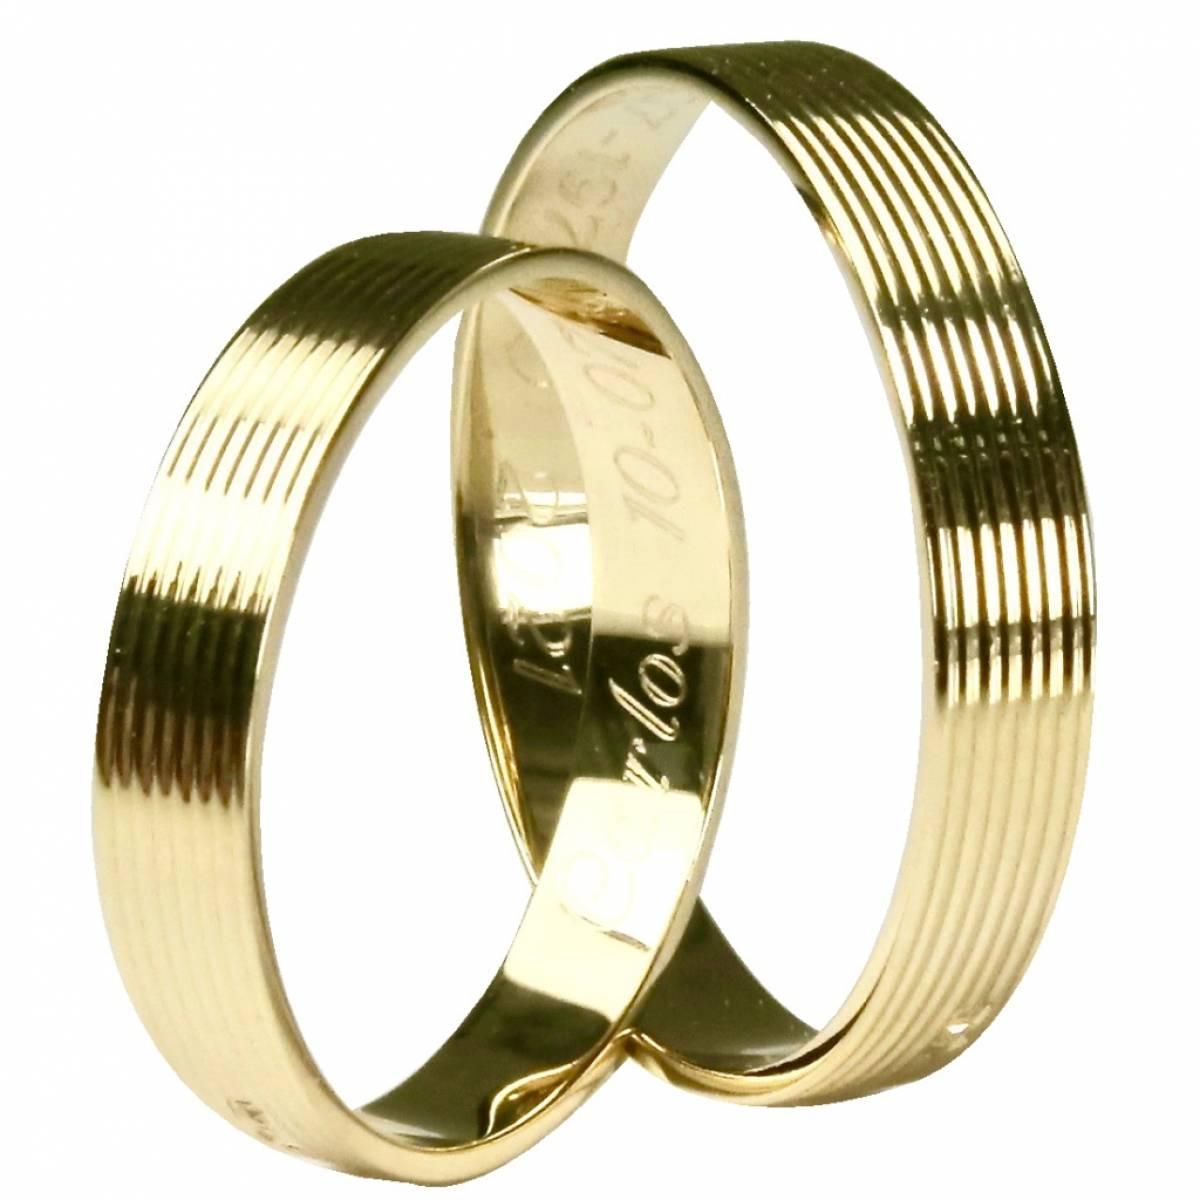 Alianças de Casamento com frisos em ouro amarelo de 9 e 19 bkts